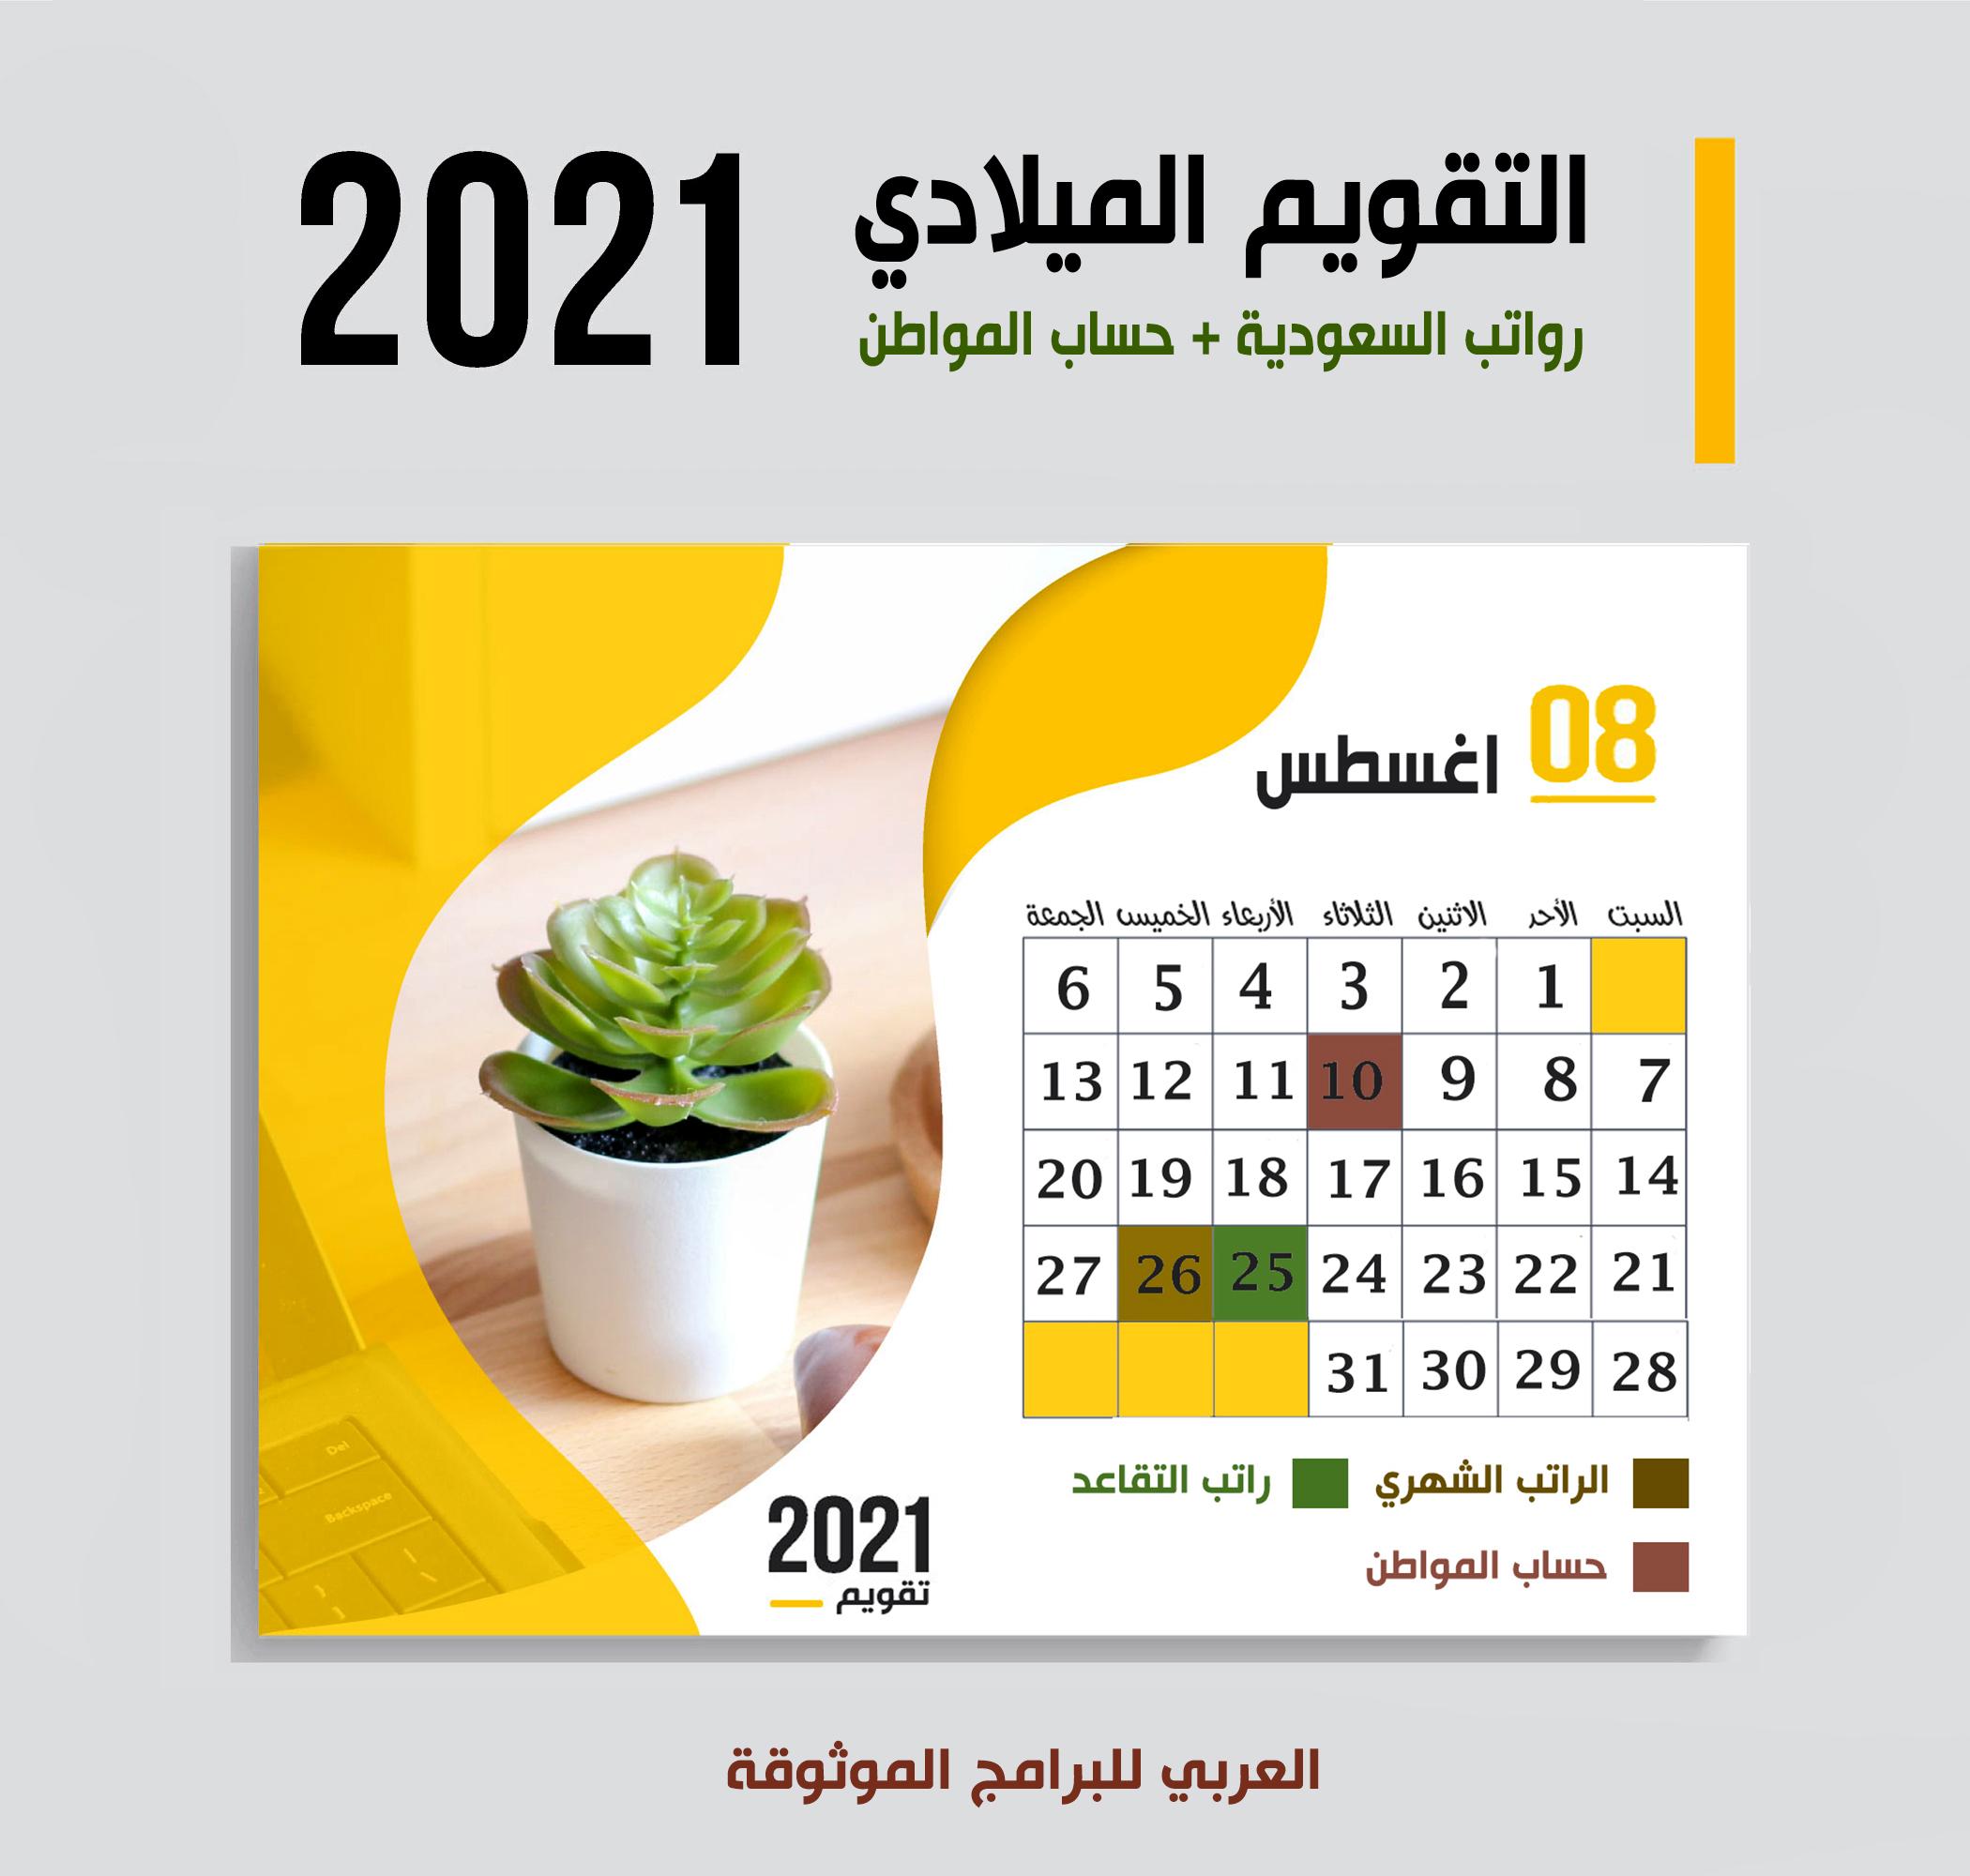 موعد صرف رواتب السعودية شهر أغسطس 2021 موعد حساب المواطن + رواتب المتقاعدين